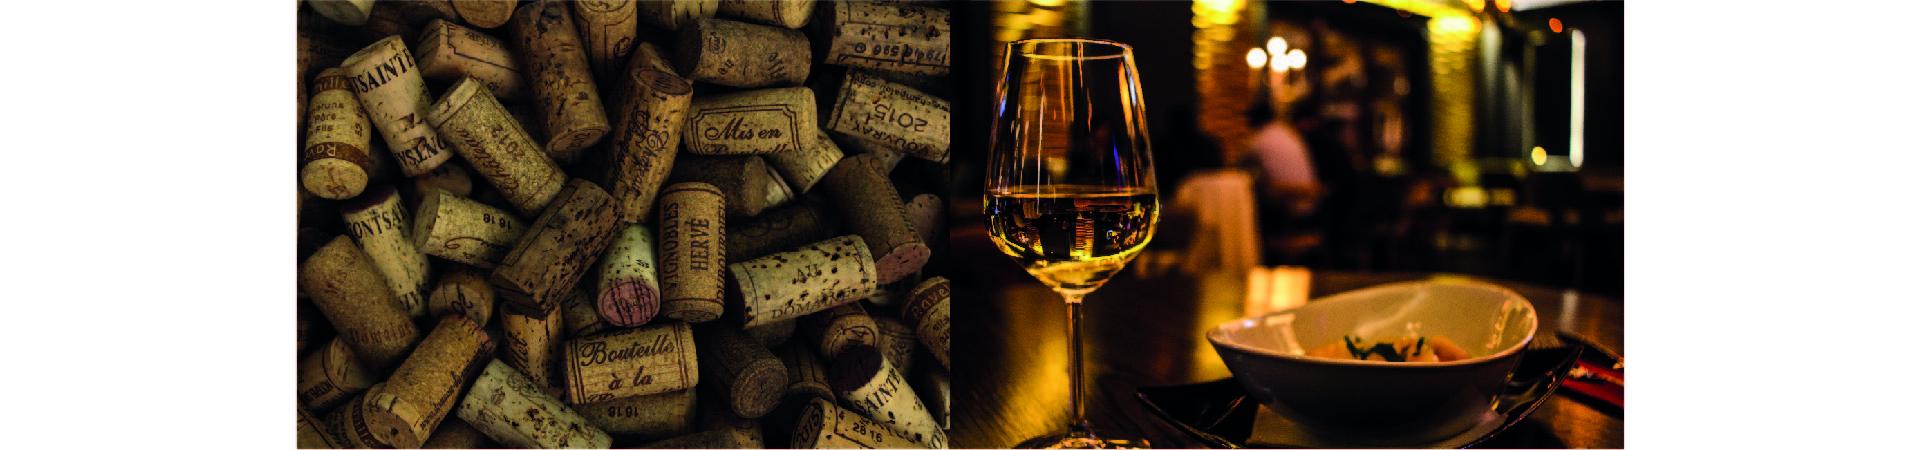 vente en ligne de vins en direct du producteur pour les particuliers et les restaurants